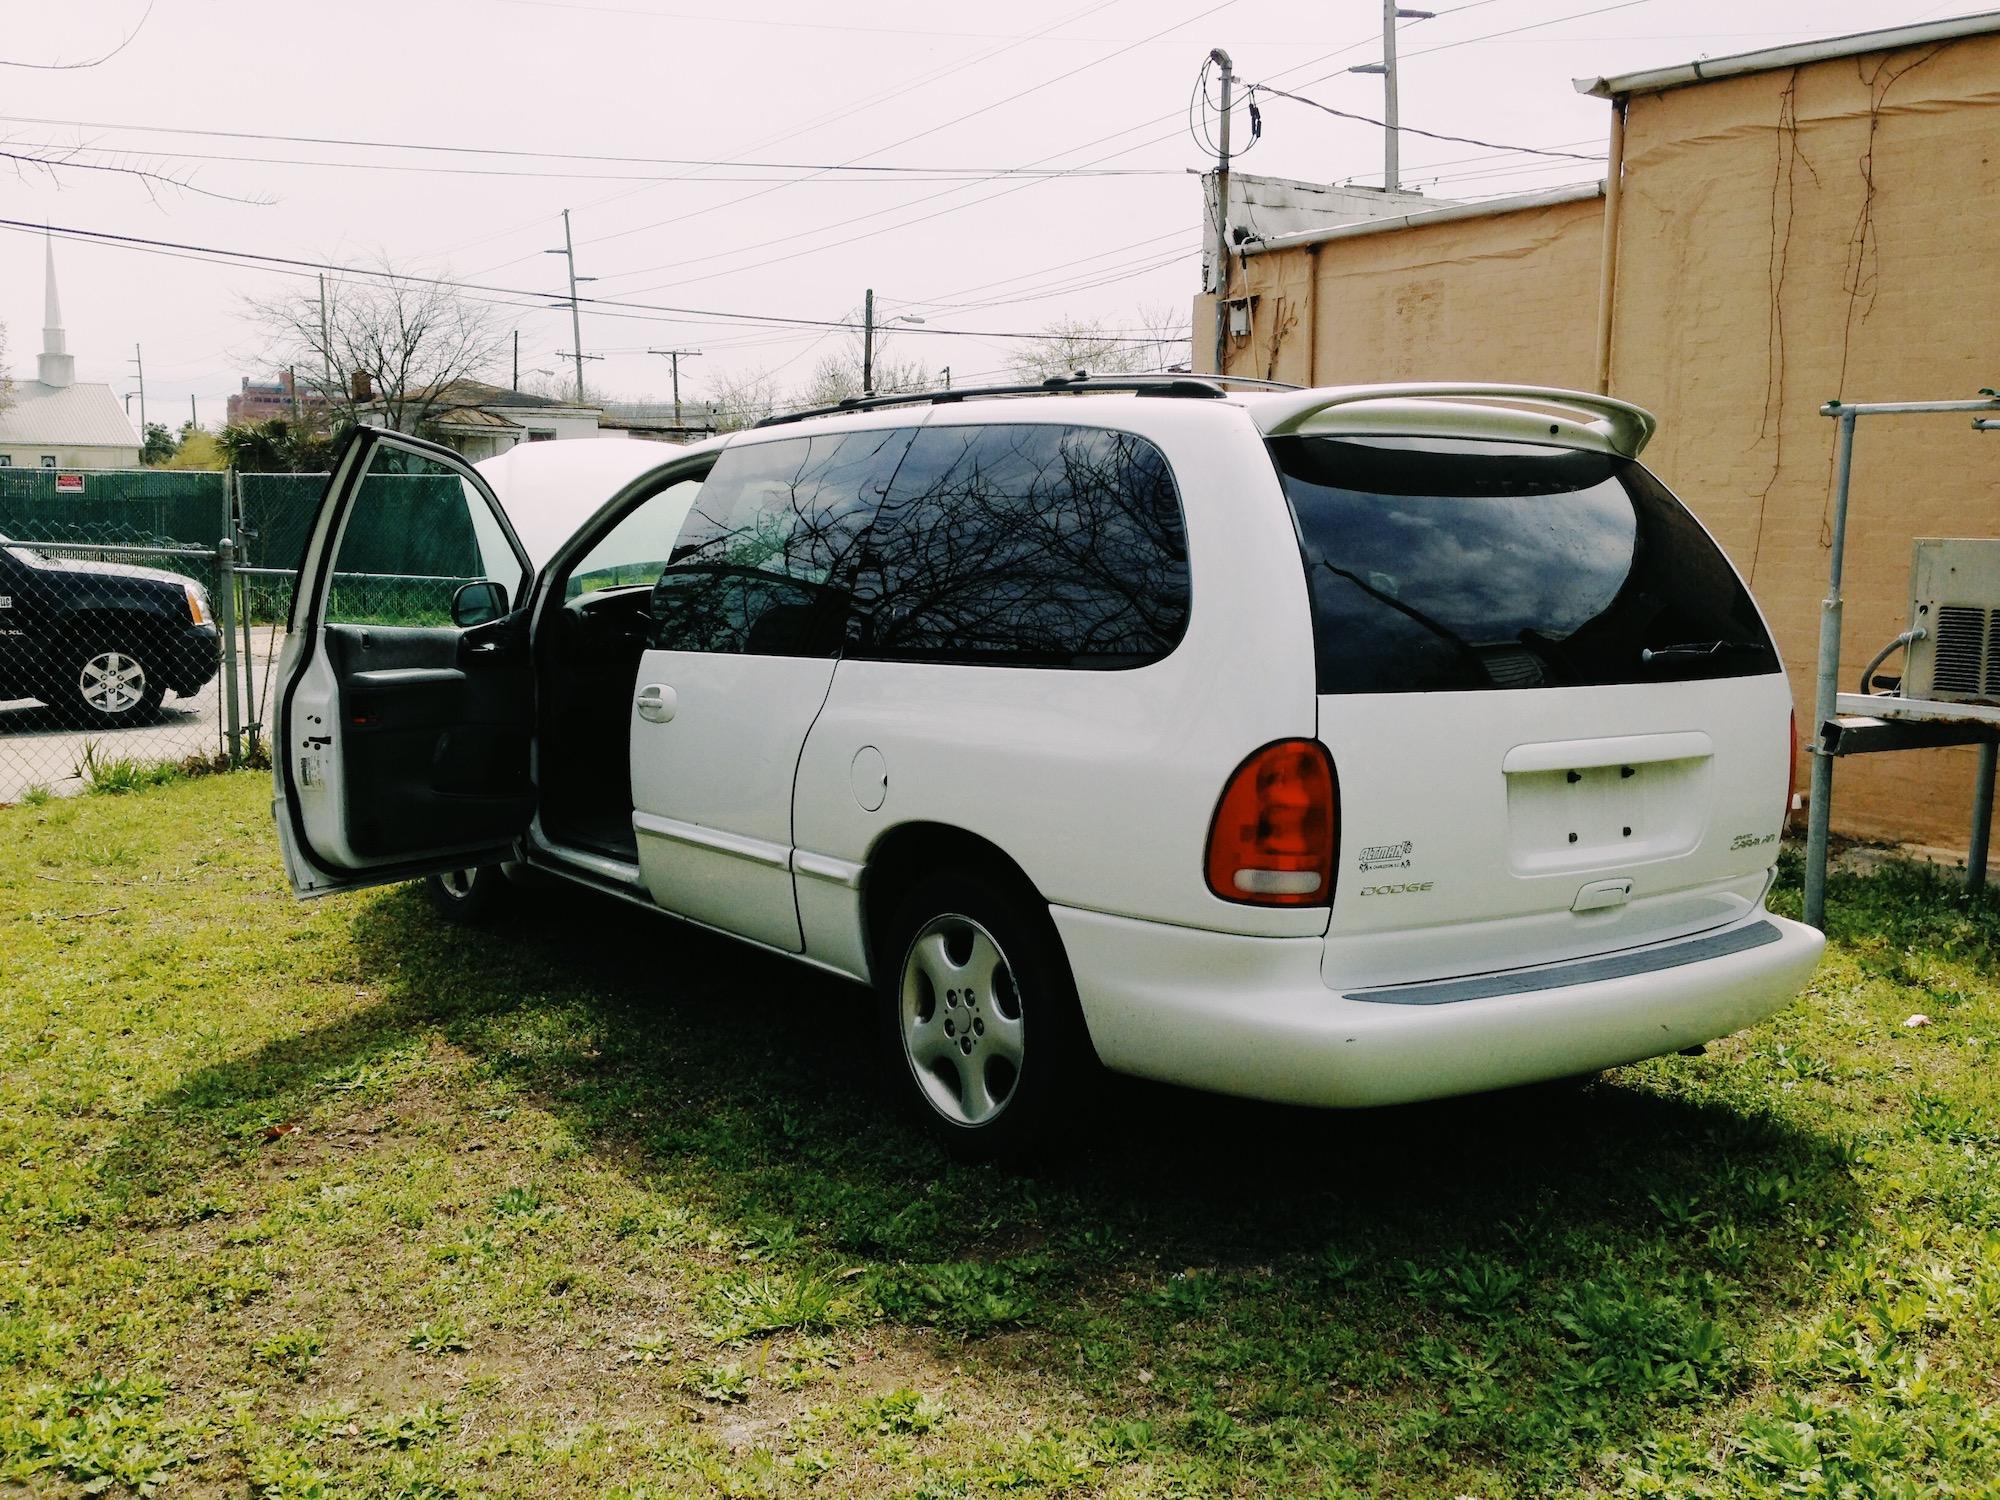 A Dodge Grand Caravan. Classic!